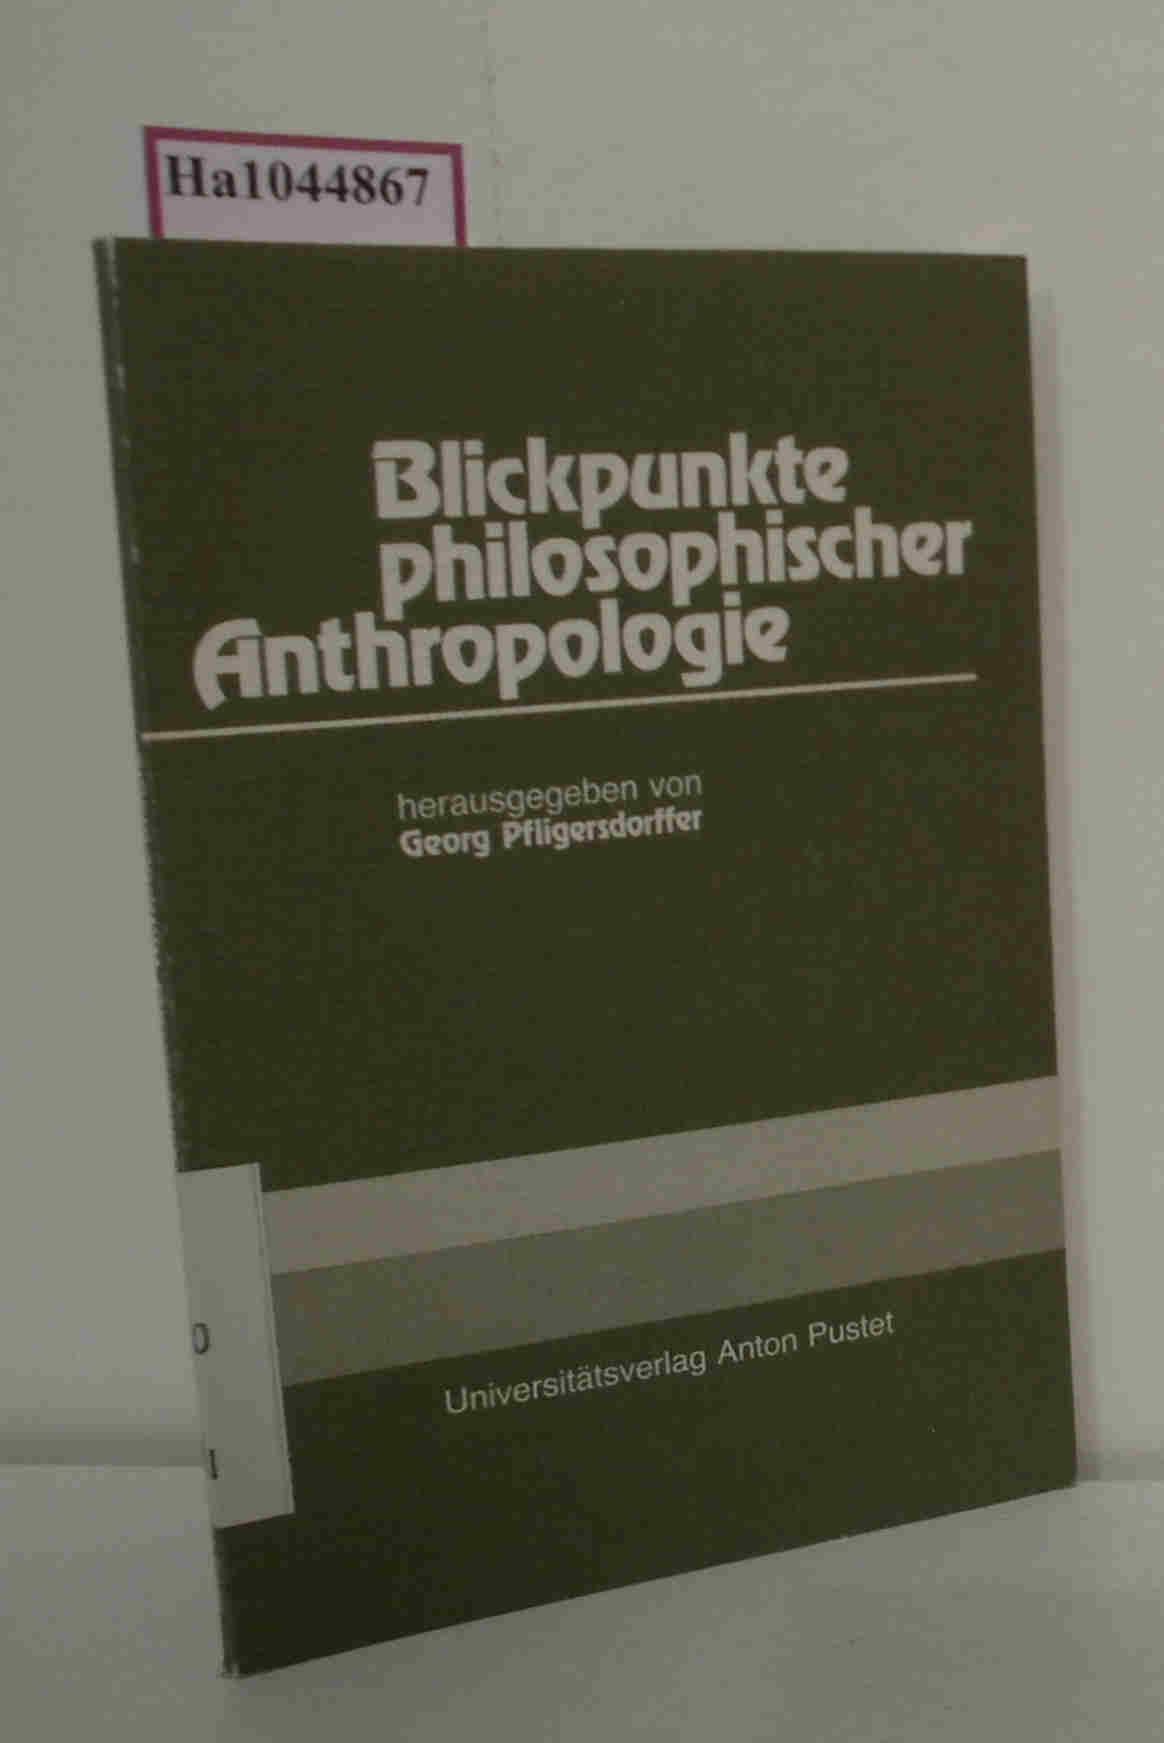 Blickpunkte philosophischer Anthropologie.